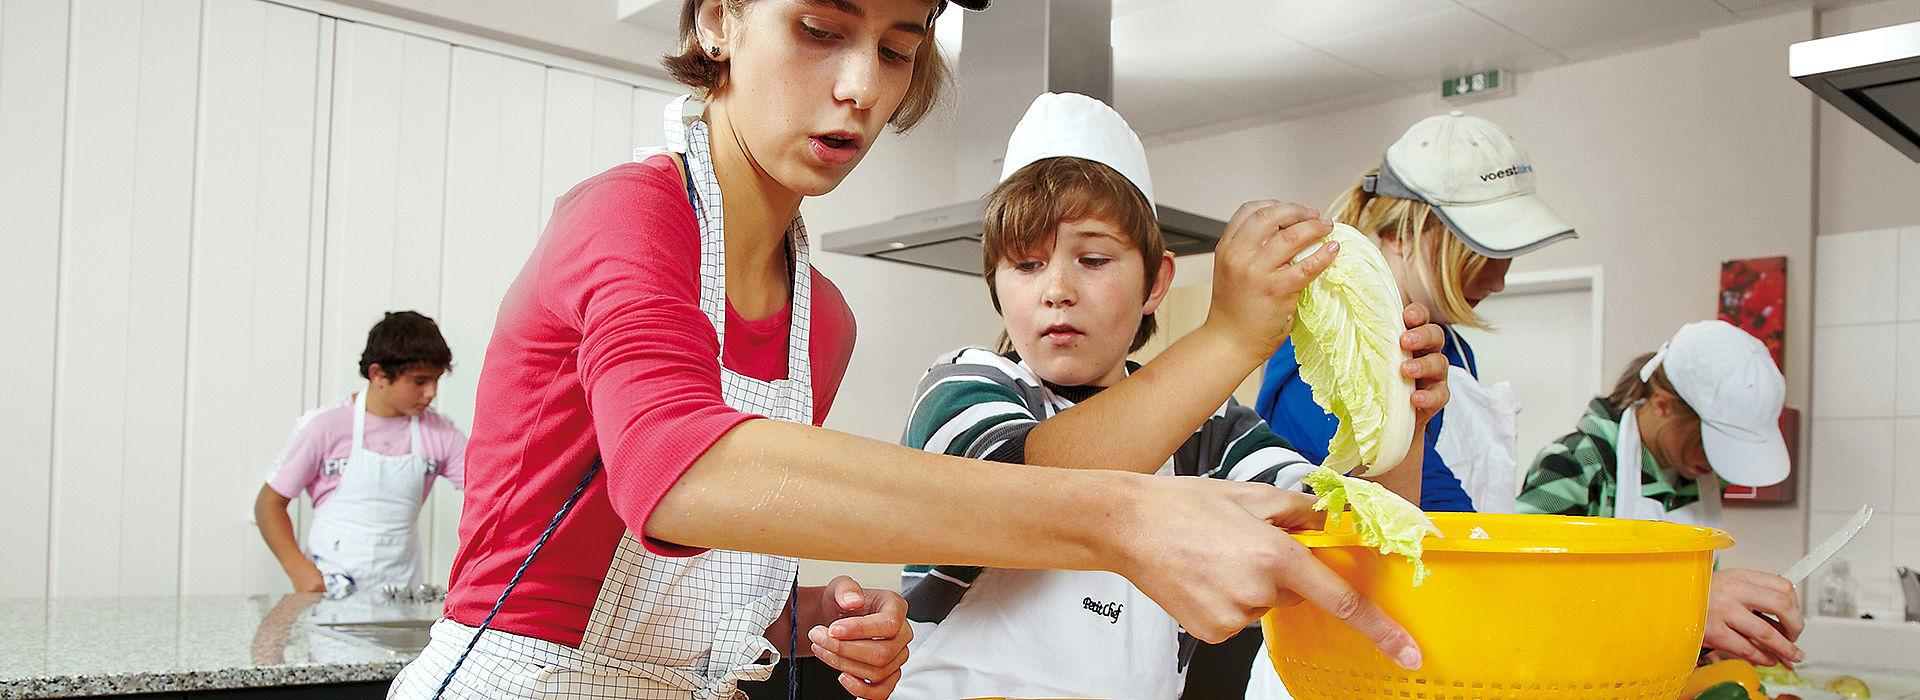 Bild: Schüler lernen etwas zubereiten